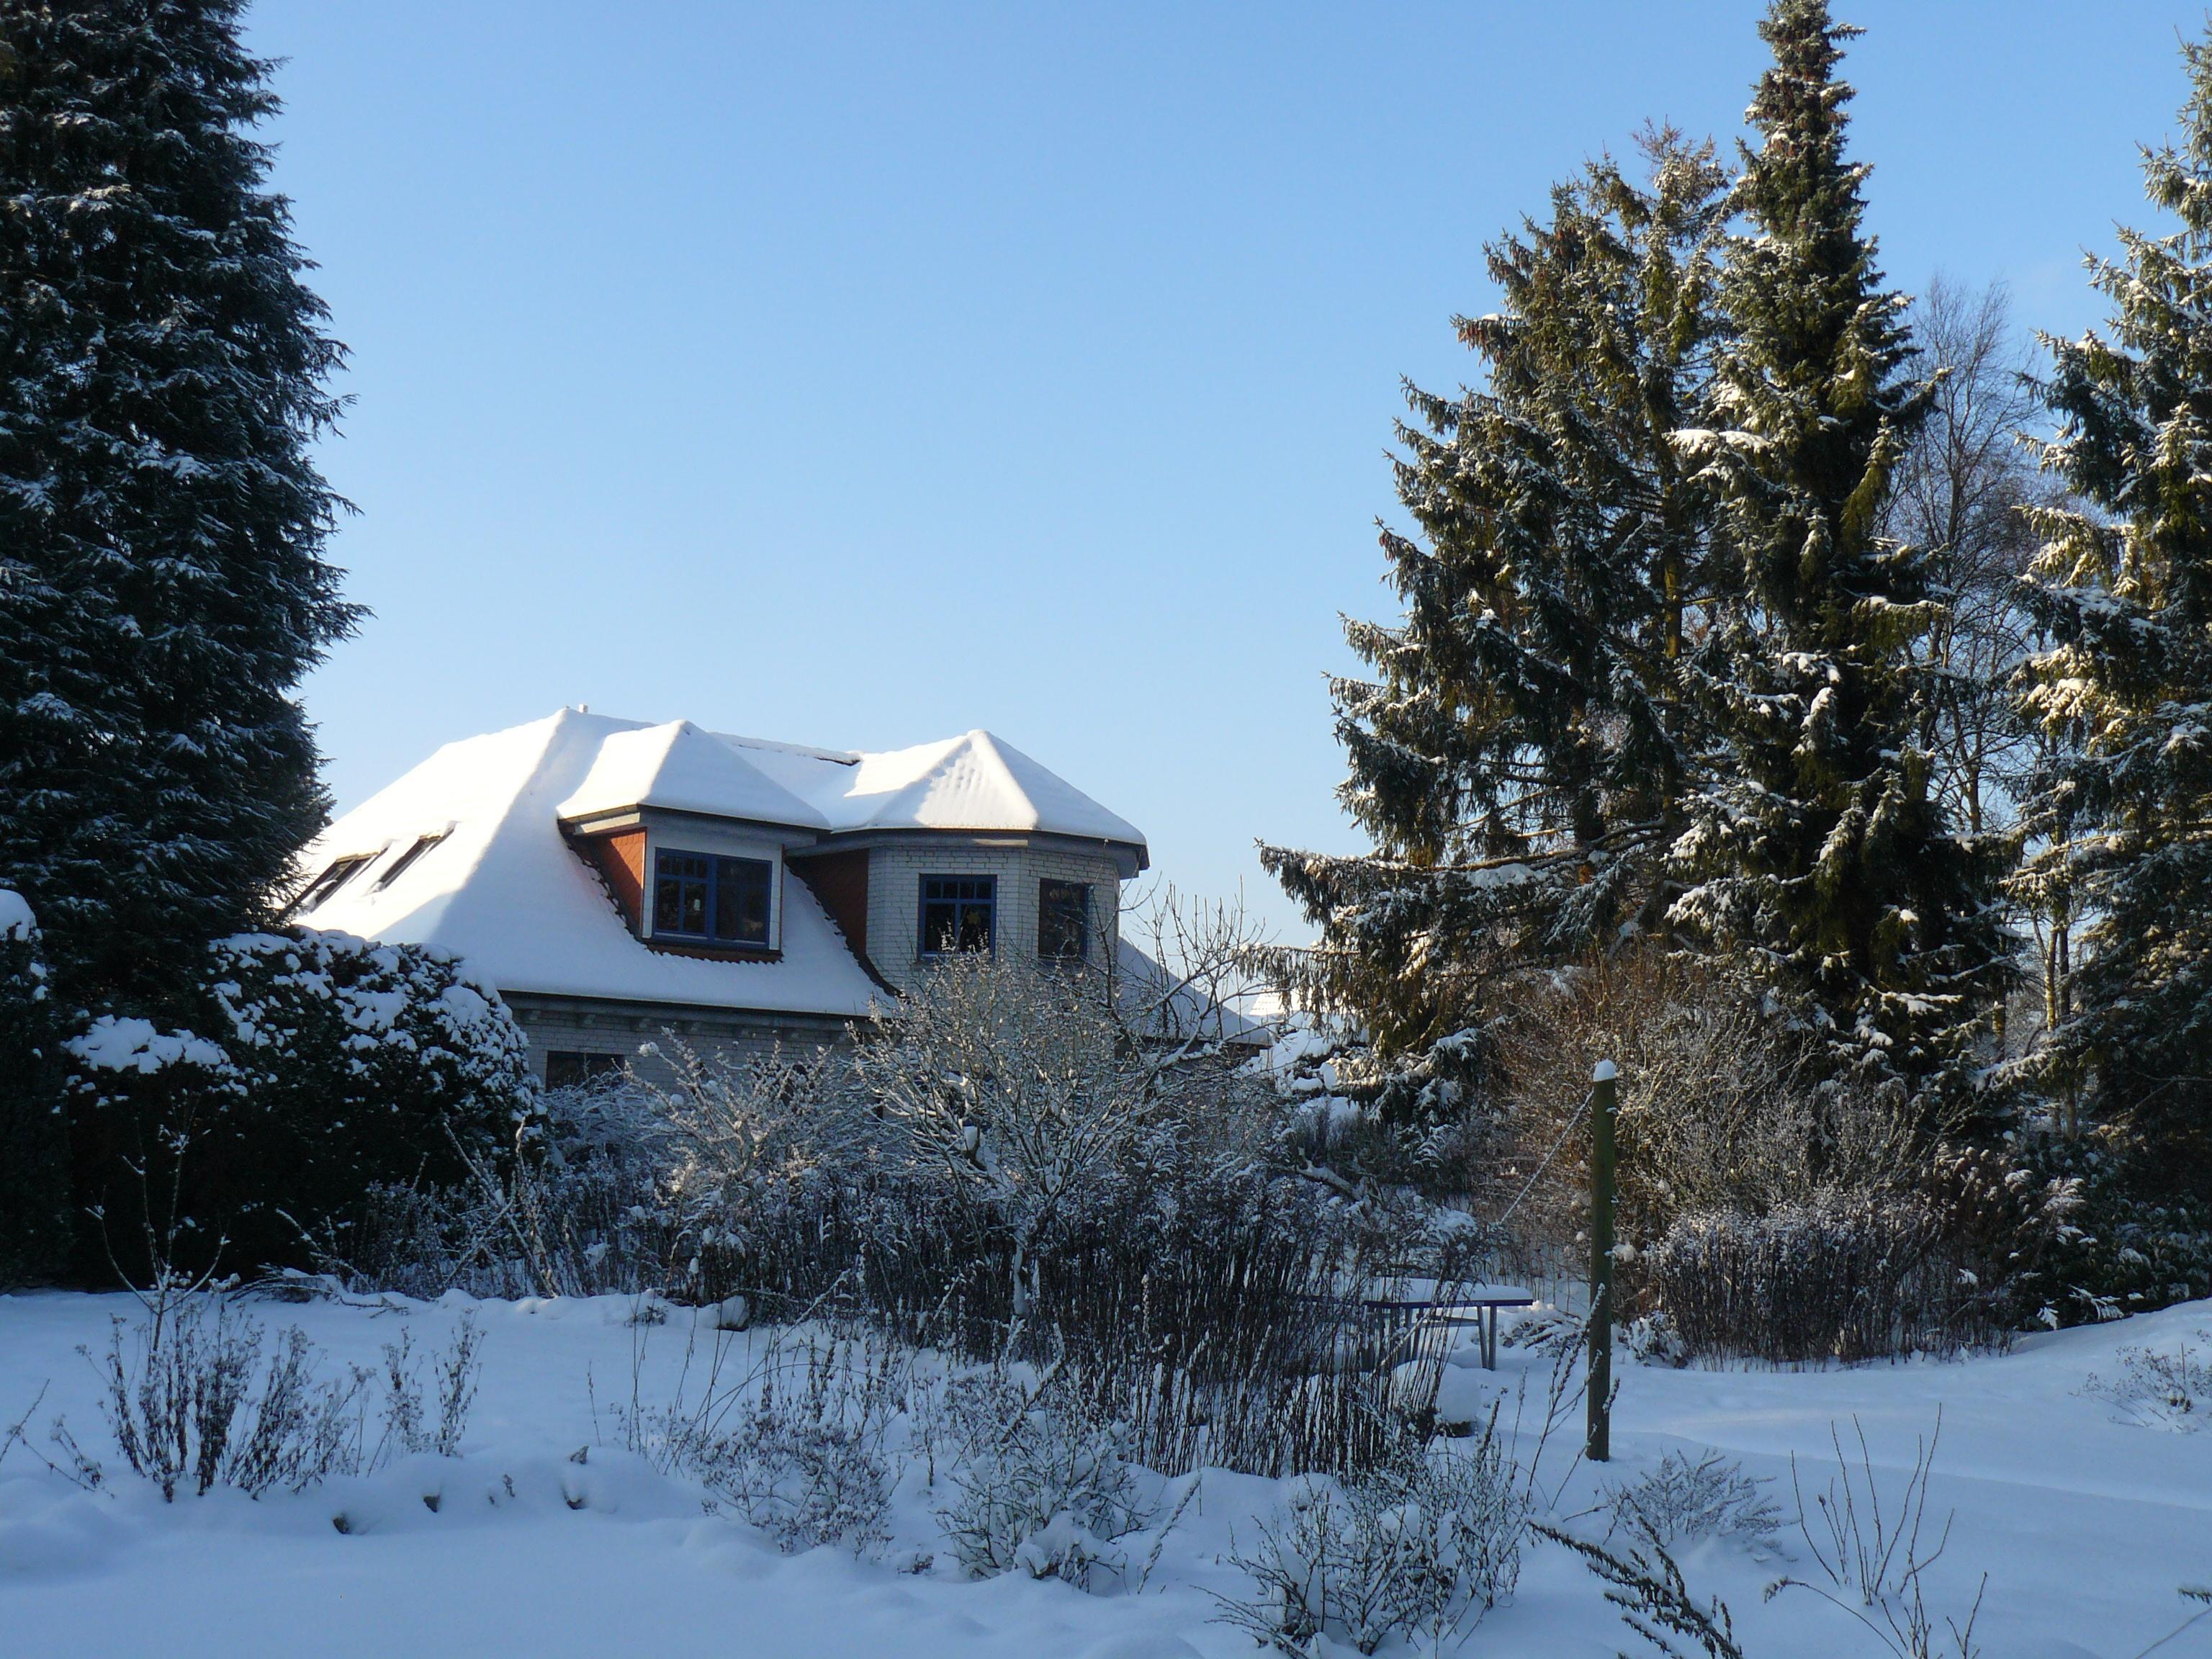 flientje von hinten im Winter 2010